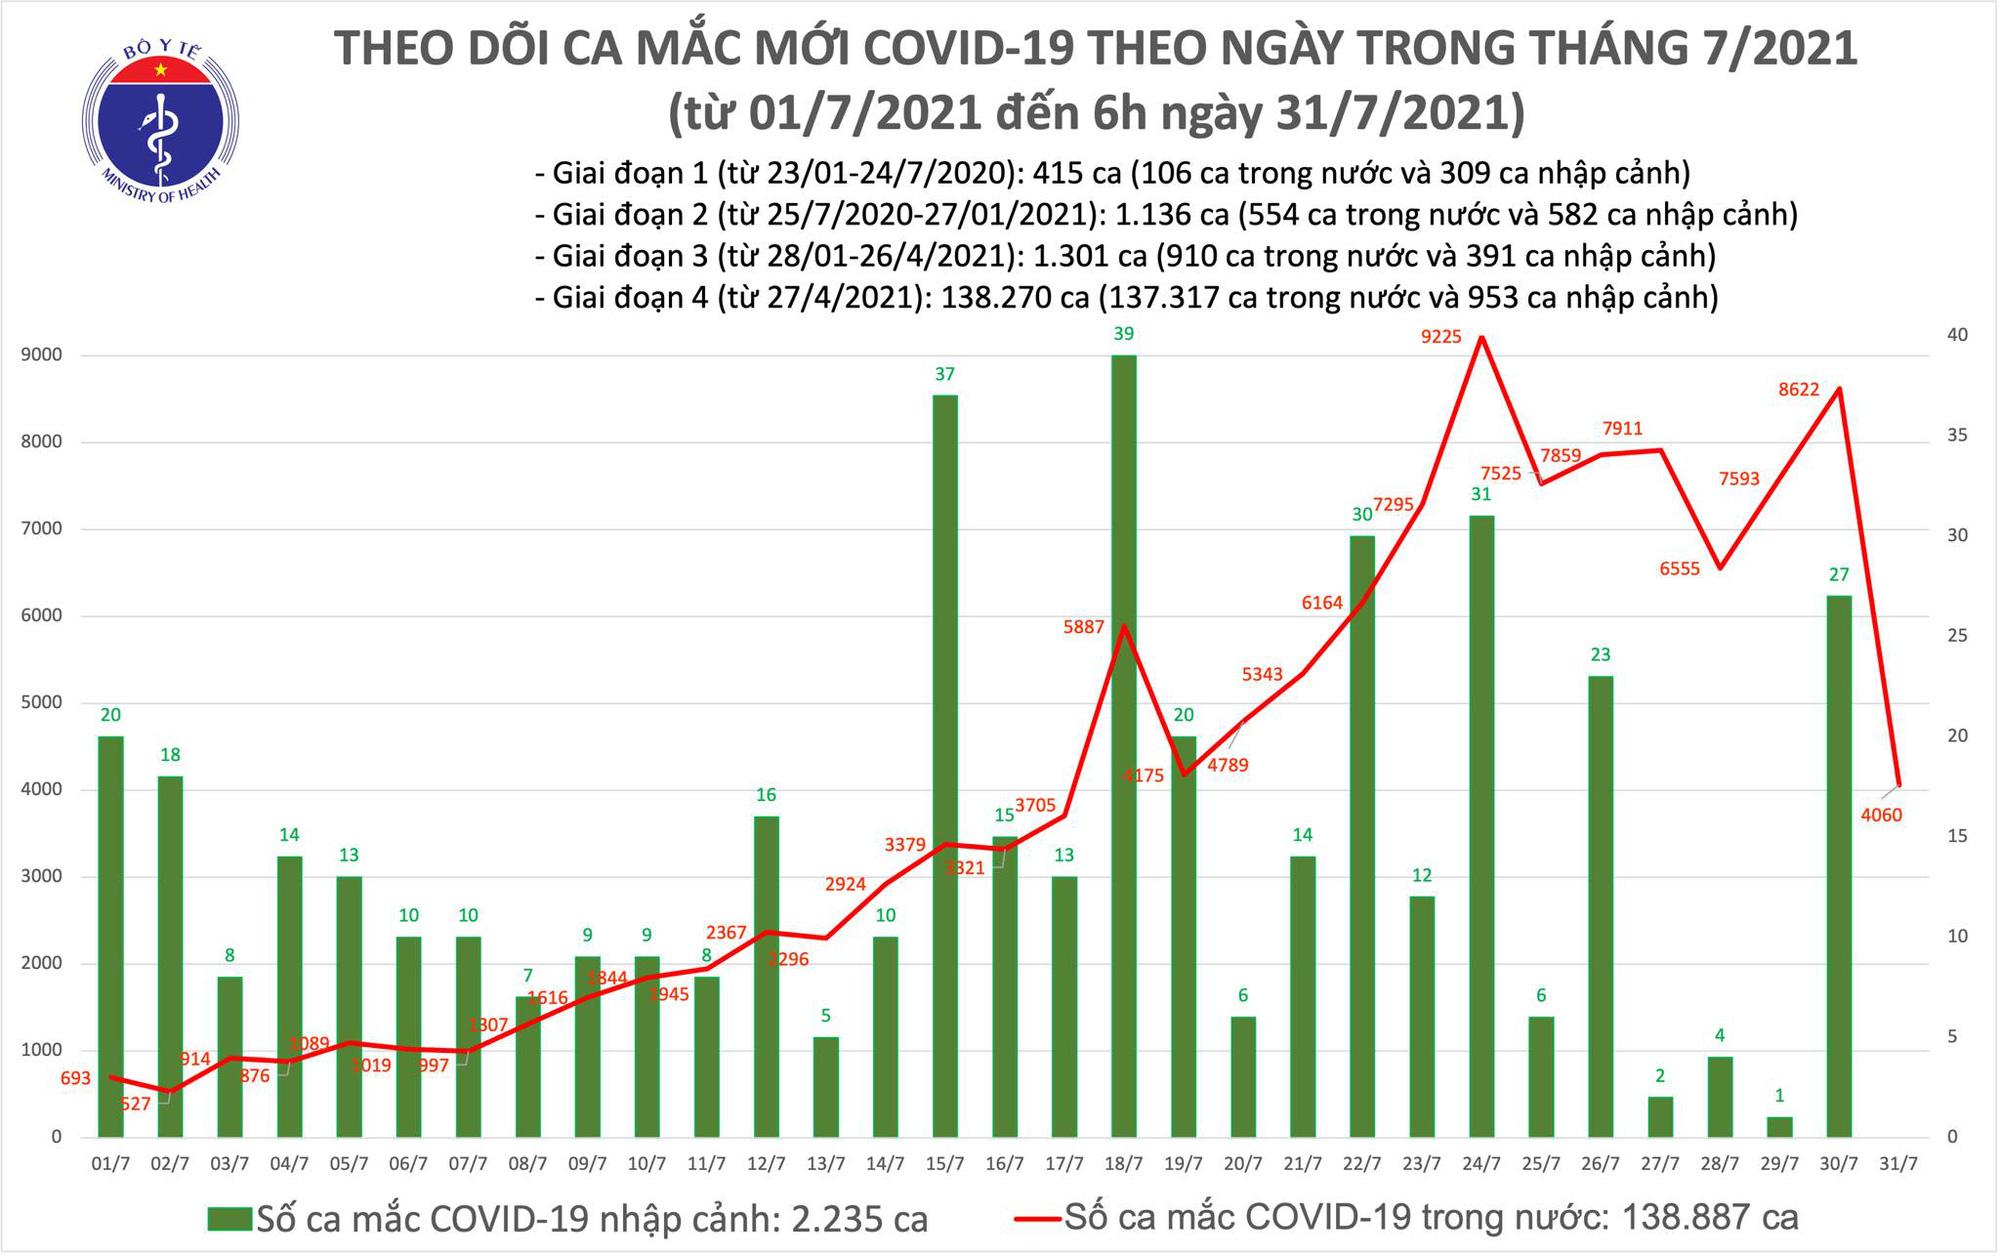 Sáng 31/7: Có 4.060 ca mắc COVID-19, gần 6 triệu liều vắc-xin đã được tiêm chủng - Ảnh 1.